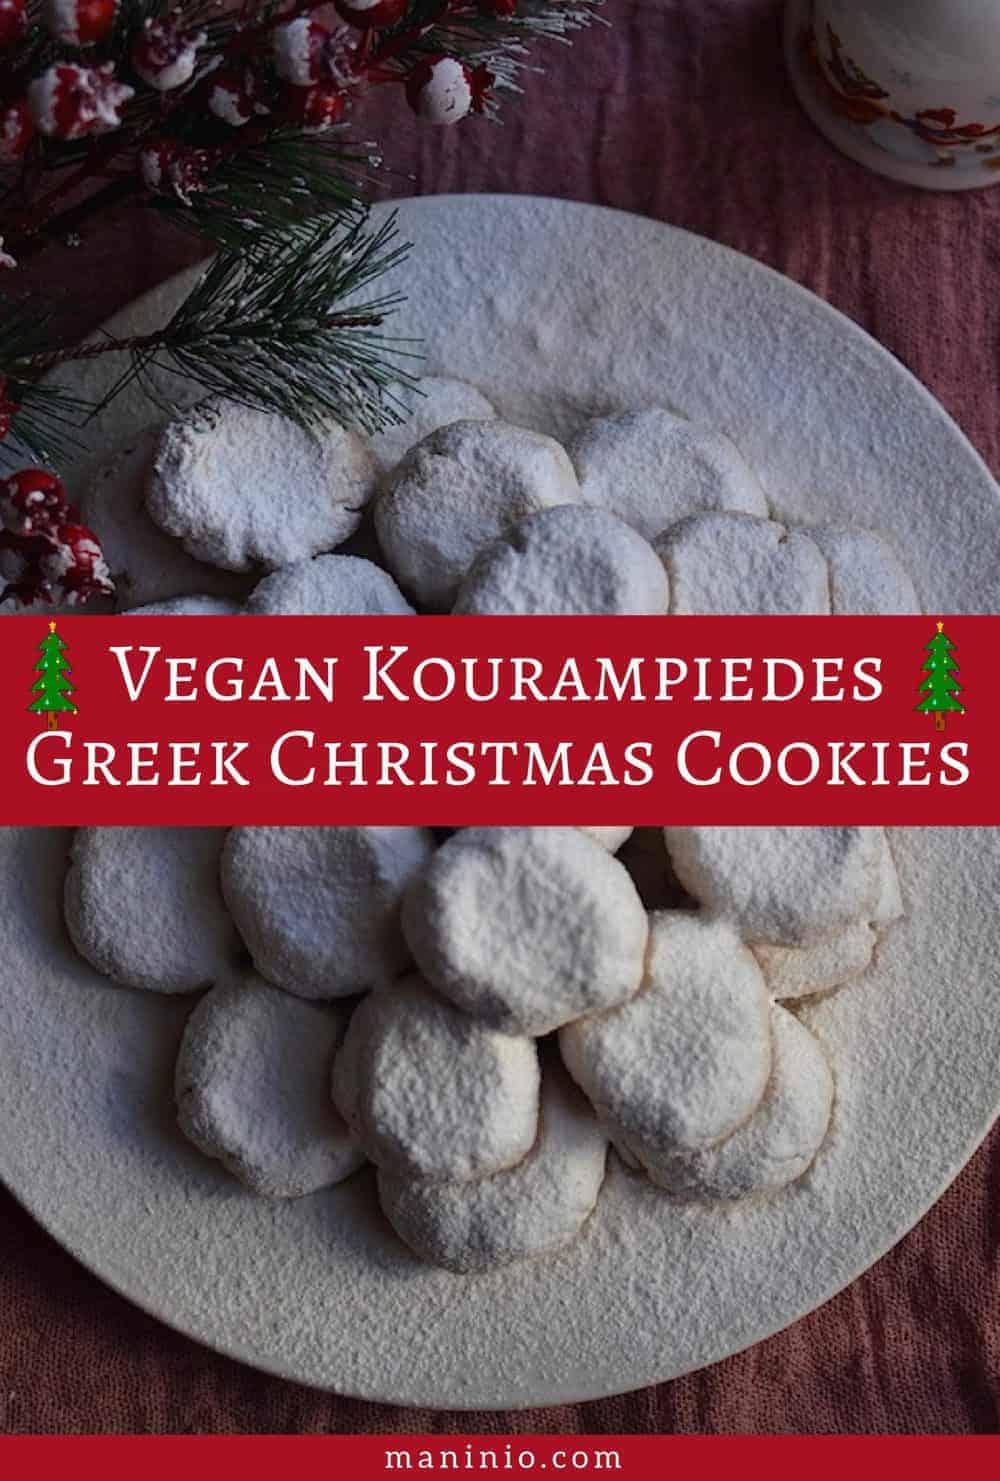 Vegan Kourampiedes | Greek Christmas Cookies. maninio.com #christmascookies #vegankourampiedes